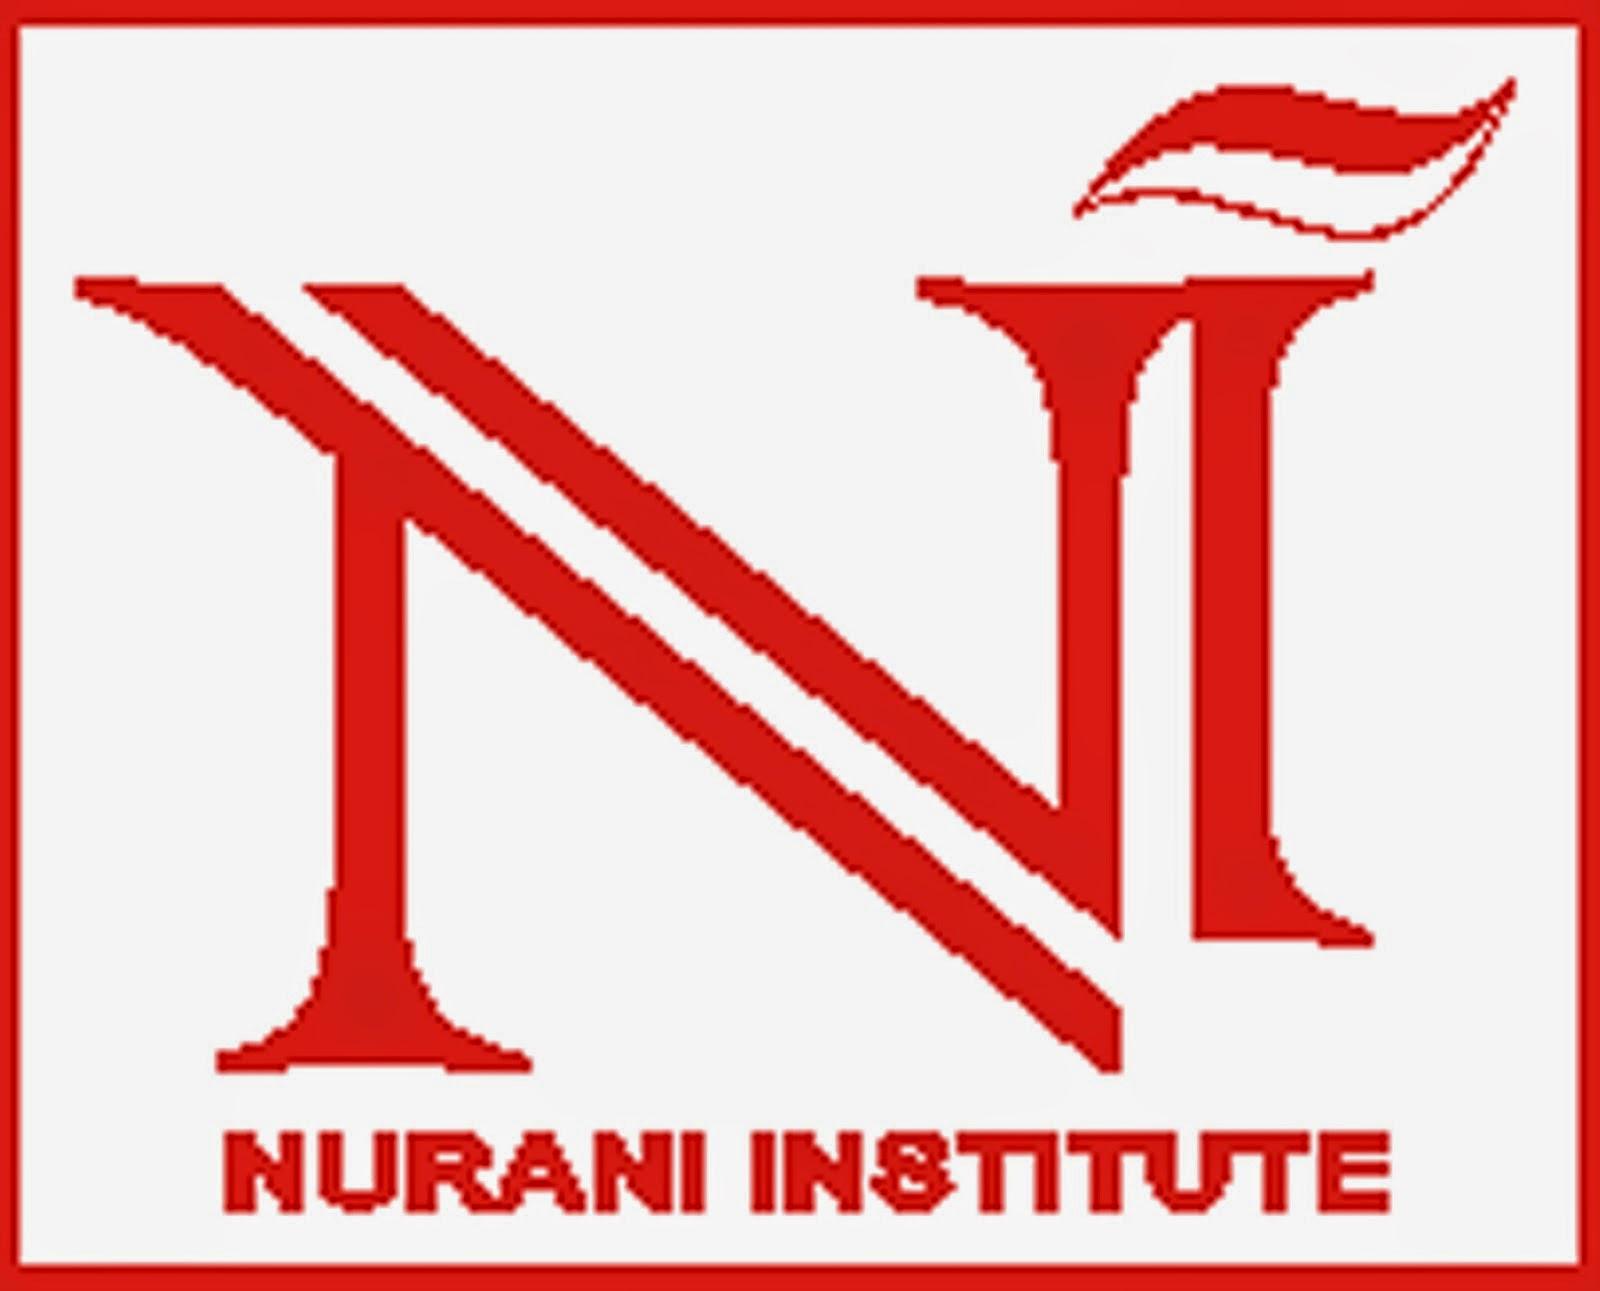 Nurani Institute